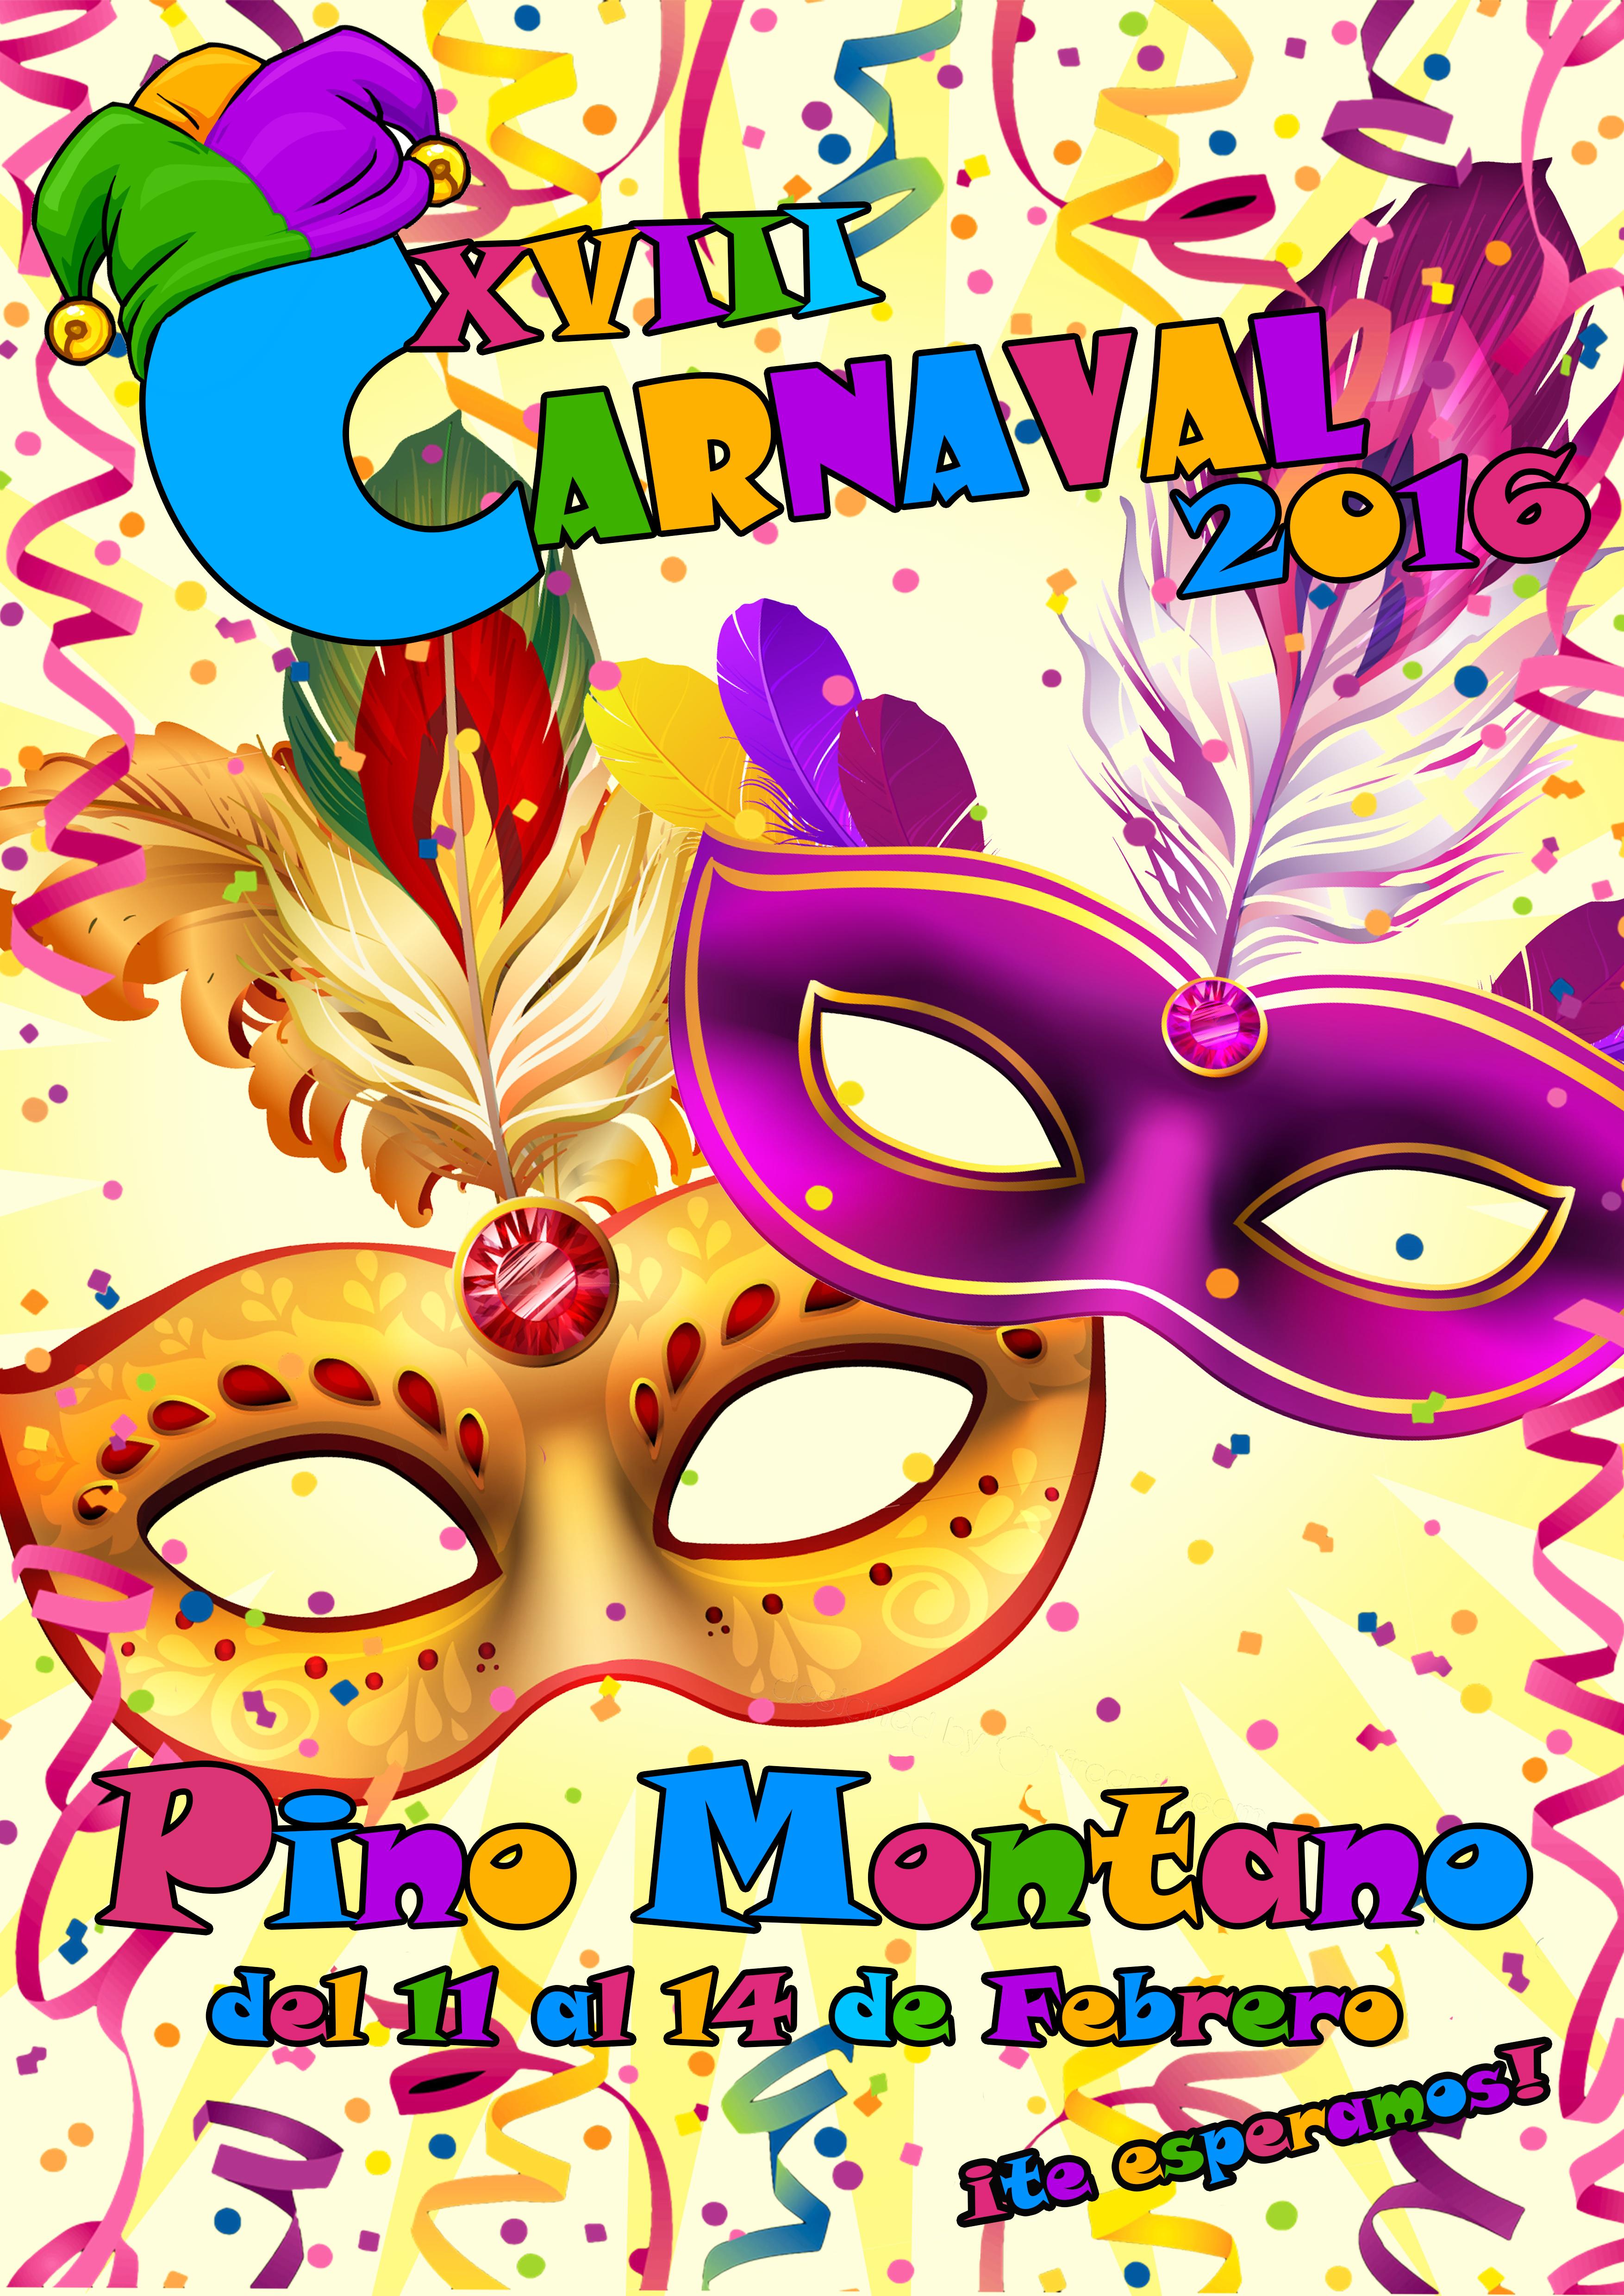 Más de Carnaval en Pino Montano- Actuaciones día 12 y 13